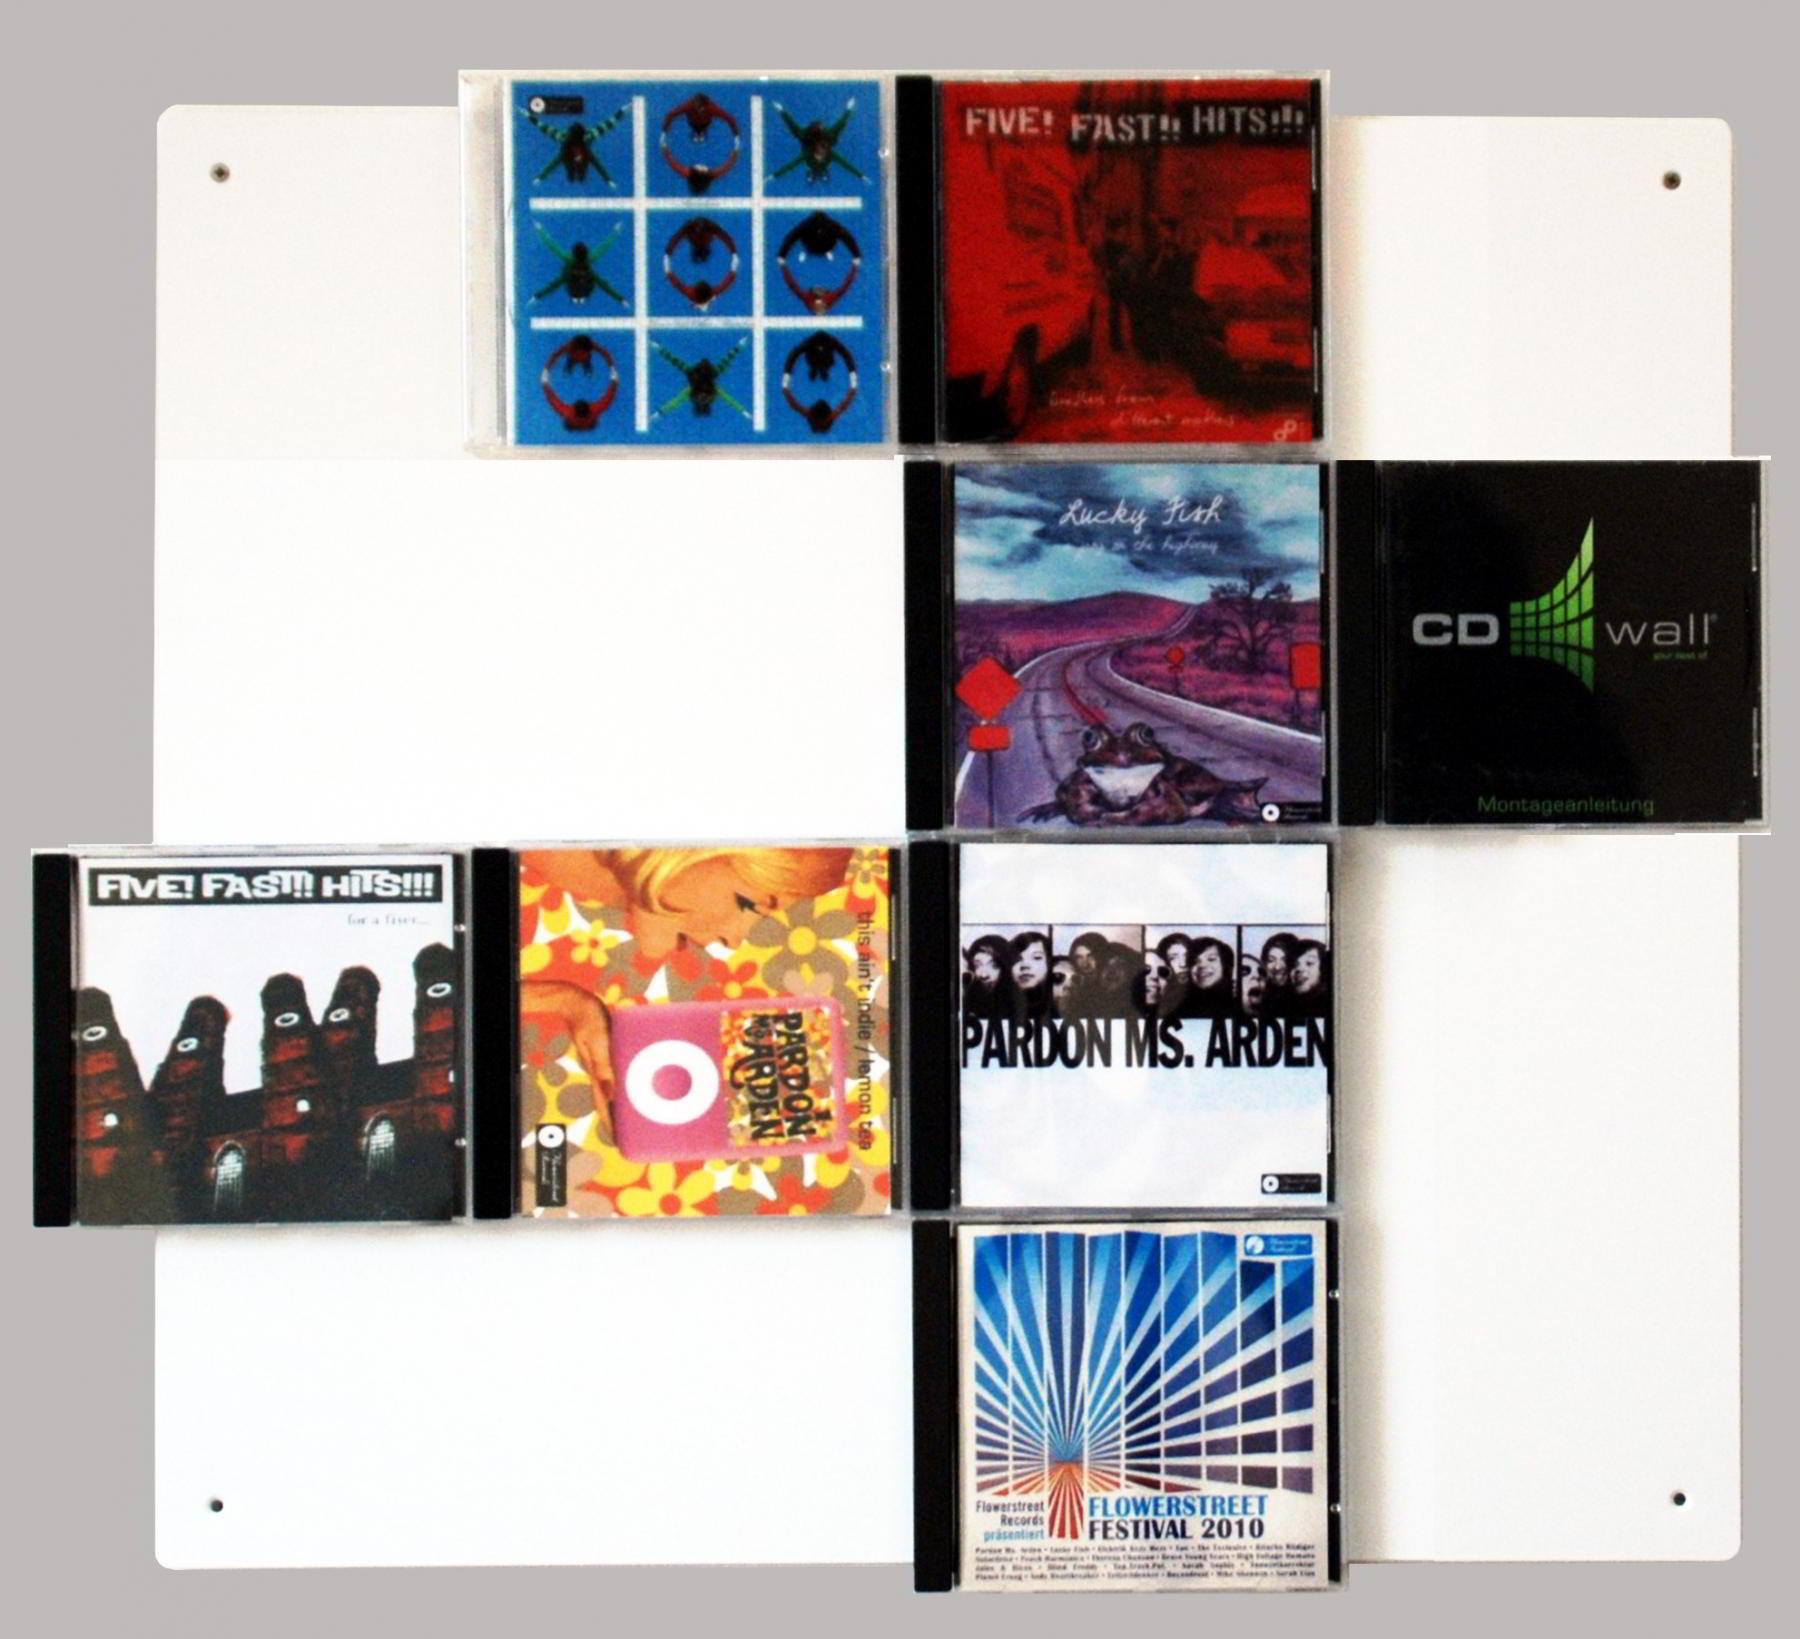 unsere cd wall4x4 mehr als nur ein cd regal mit unserer. Black Bedroom Furniture Sets. Home Design Ideas